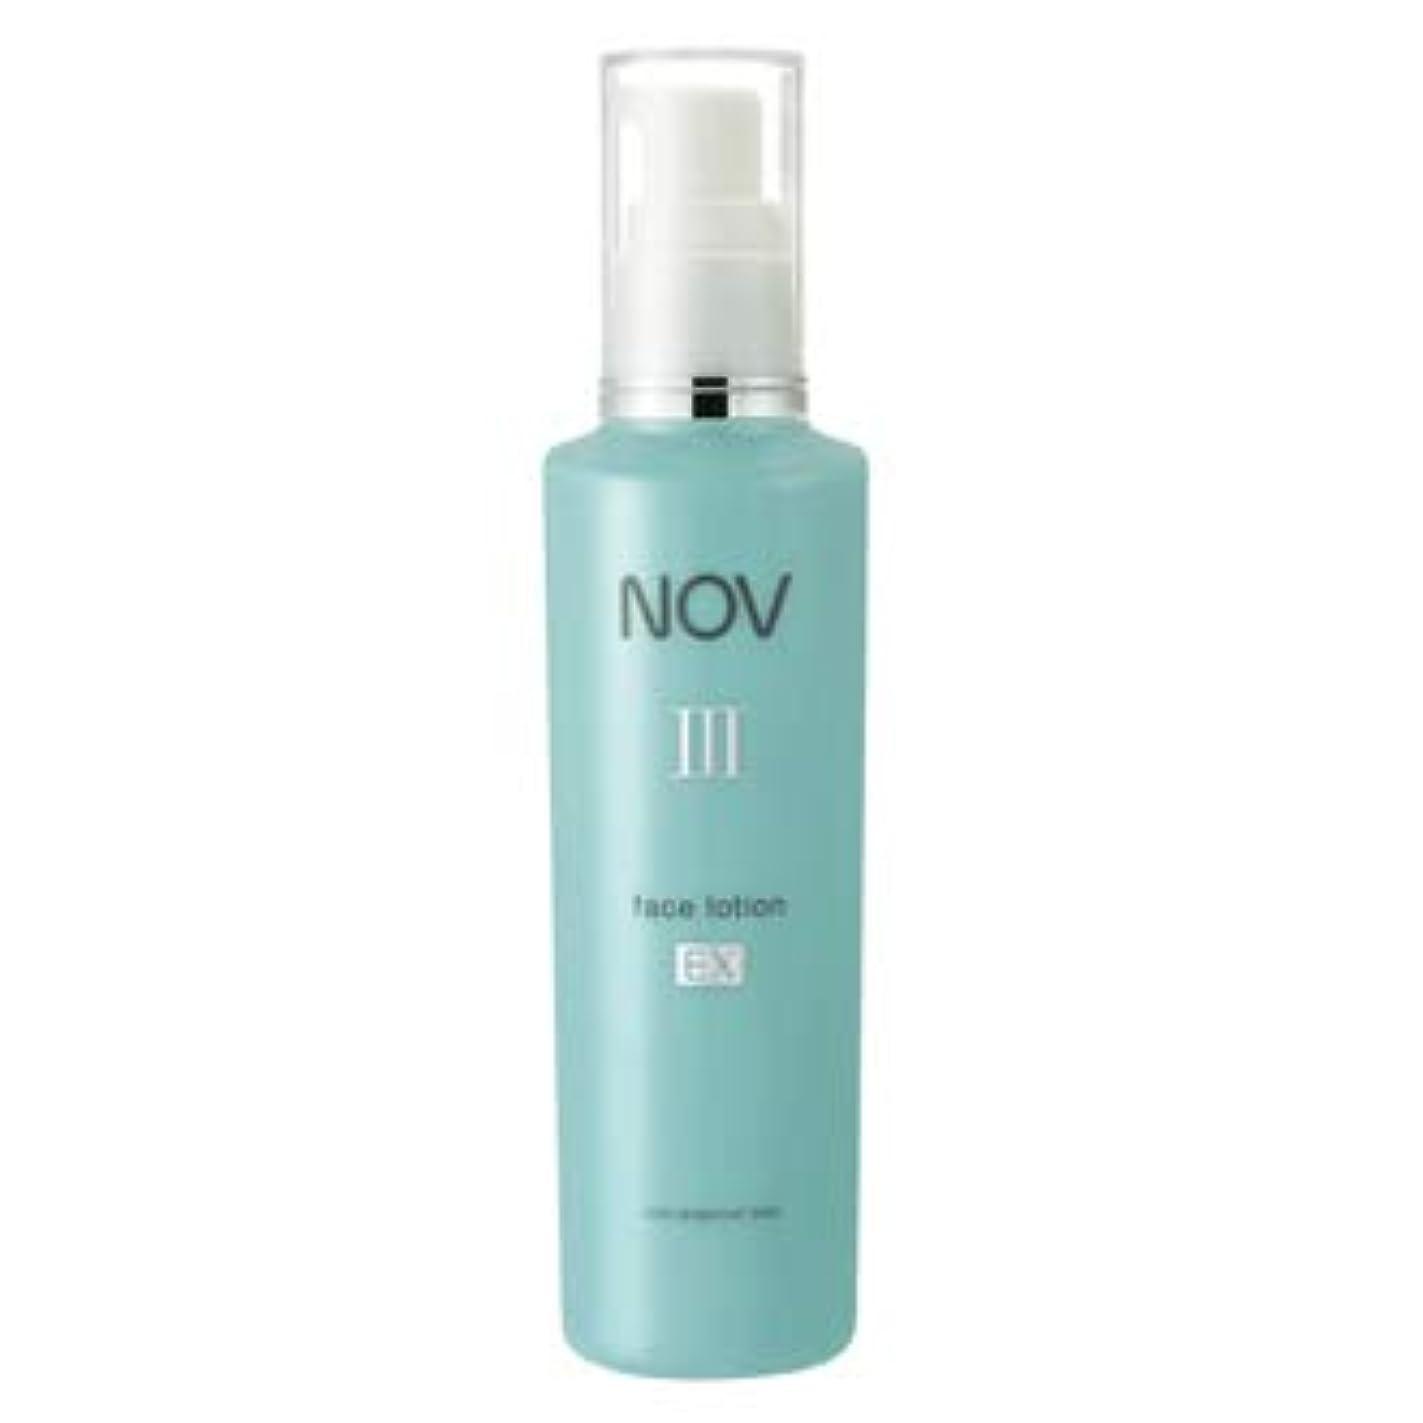 理容室トランスペアレントワットノブ Ⅲ フェイスローション EX 120ml 高保湿化粧水 [並行輸入品]